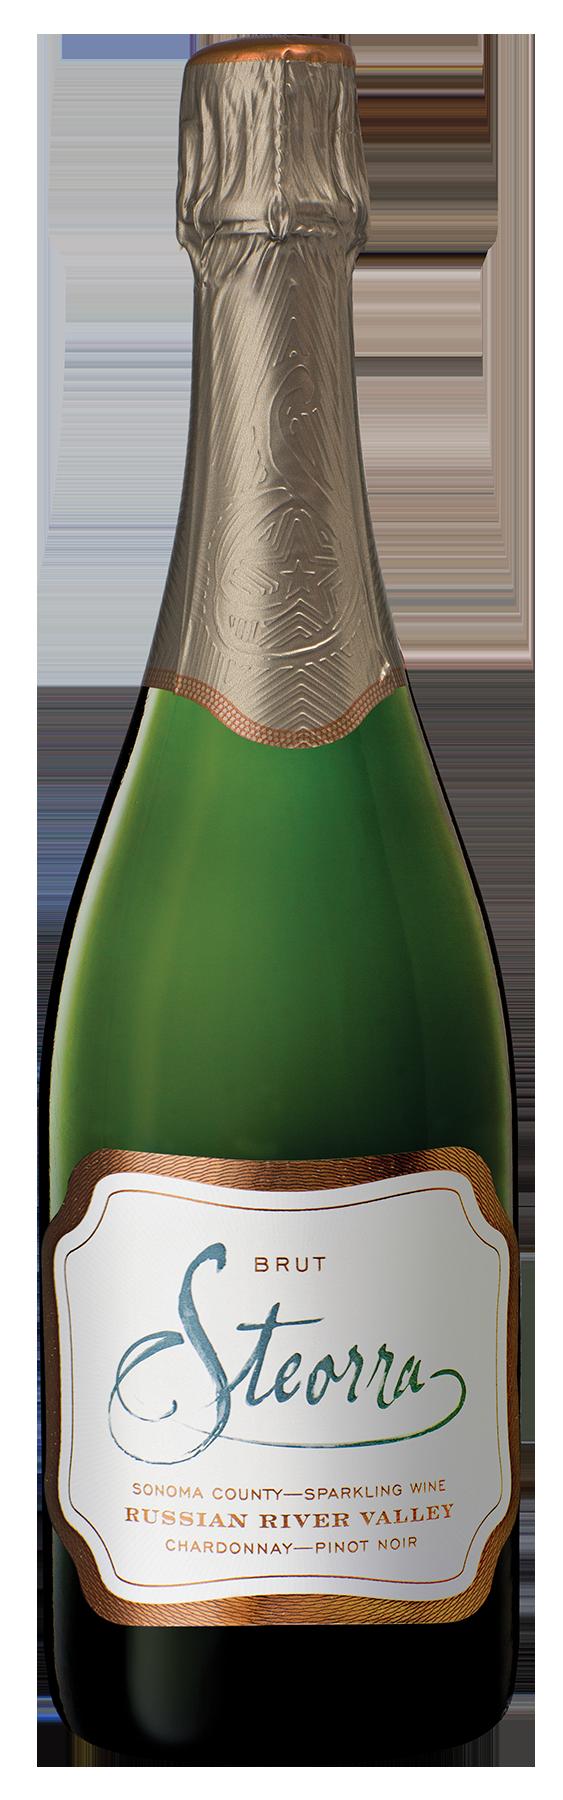 Russian River Valley Brut Sparkling Wine bottle shot